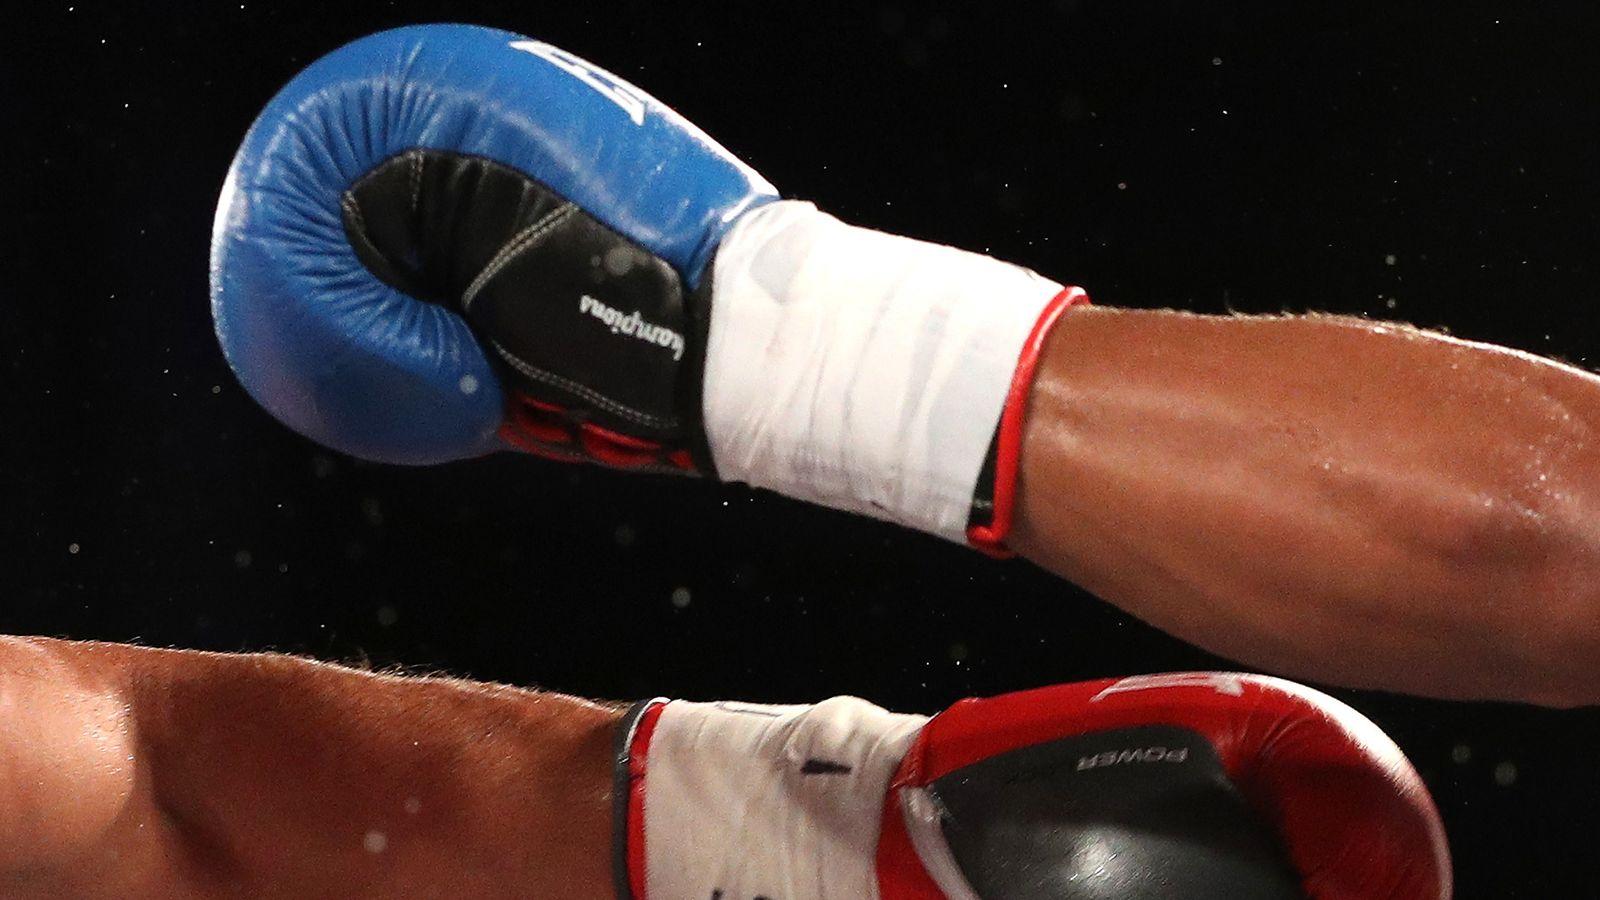 La Junta de Control del Boxeo Británico confirma que todos los eventos hasta finales de mayo serán suspendidos | Noticias del boxeo 44